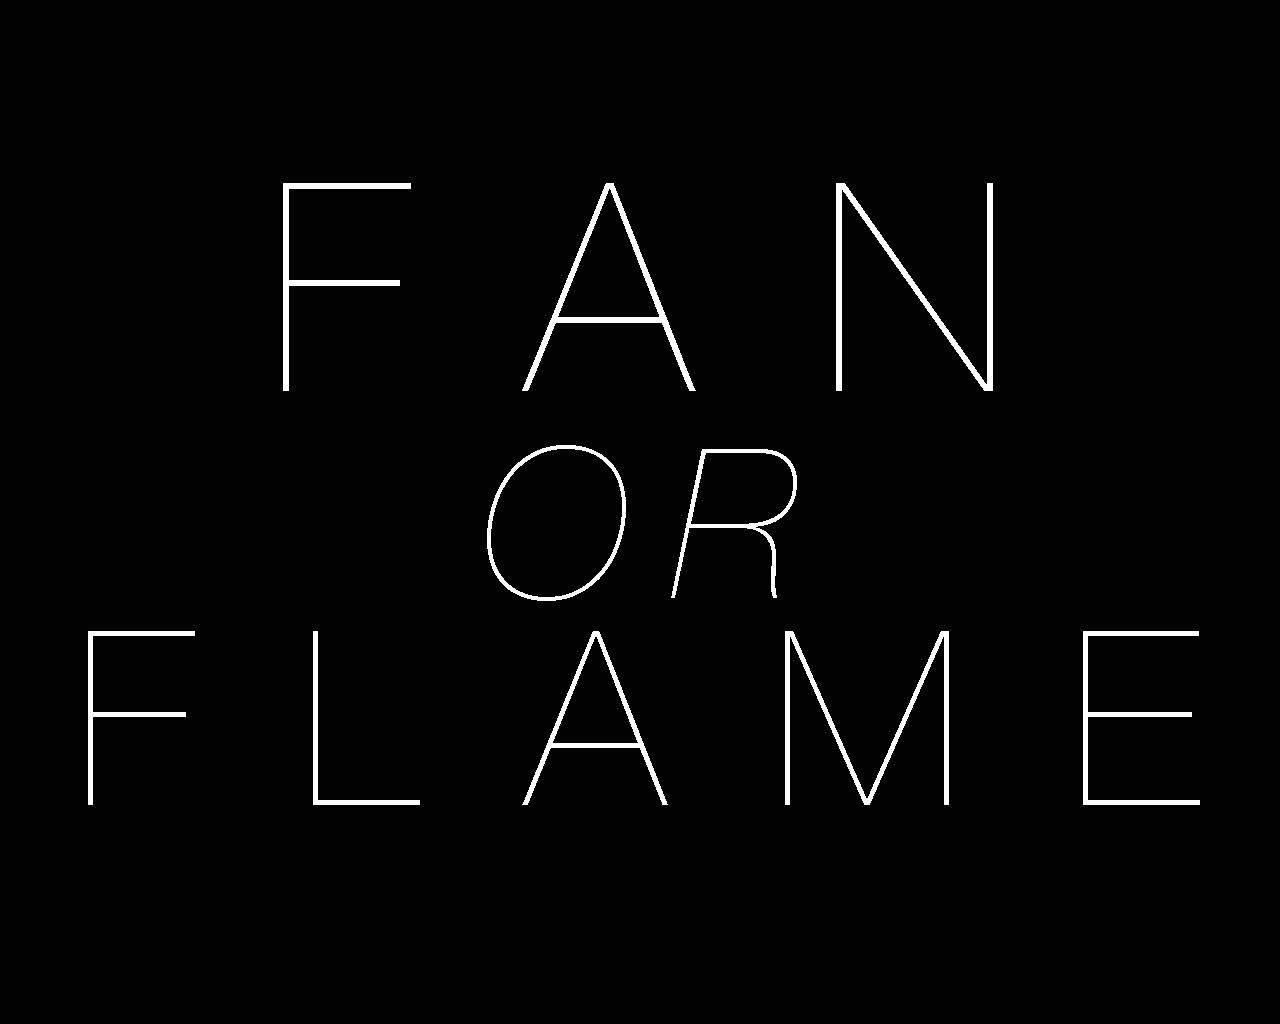 Fan or Flamefinal.jpg